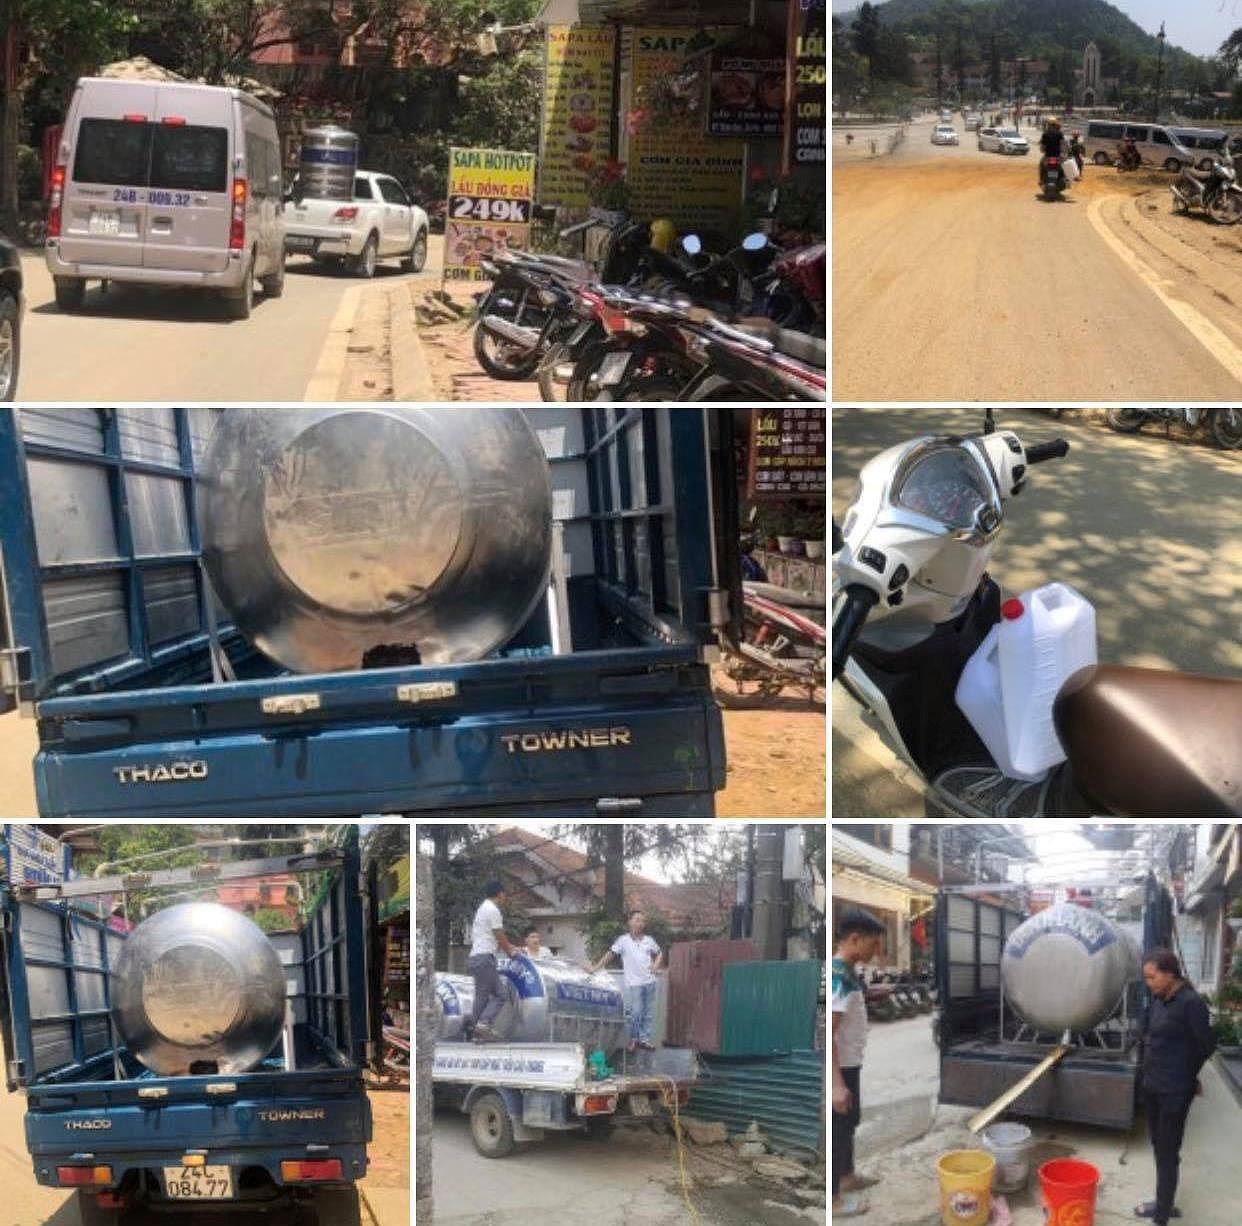 Thiếu nước nghiêm trọng, khách sạn Sa Pa có nguy cơ 'vỡ trận' Ảnh 3